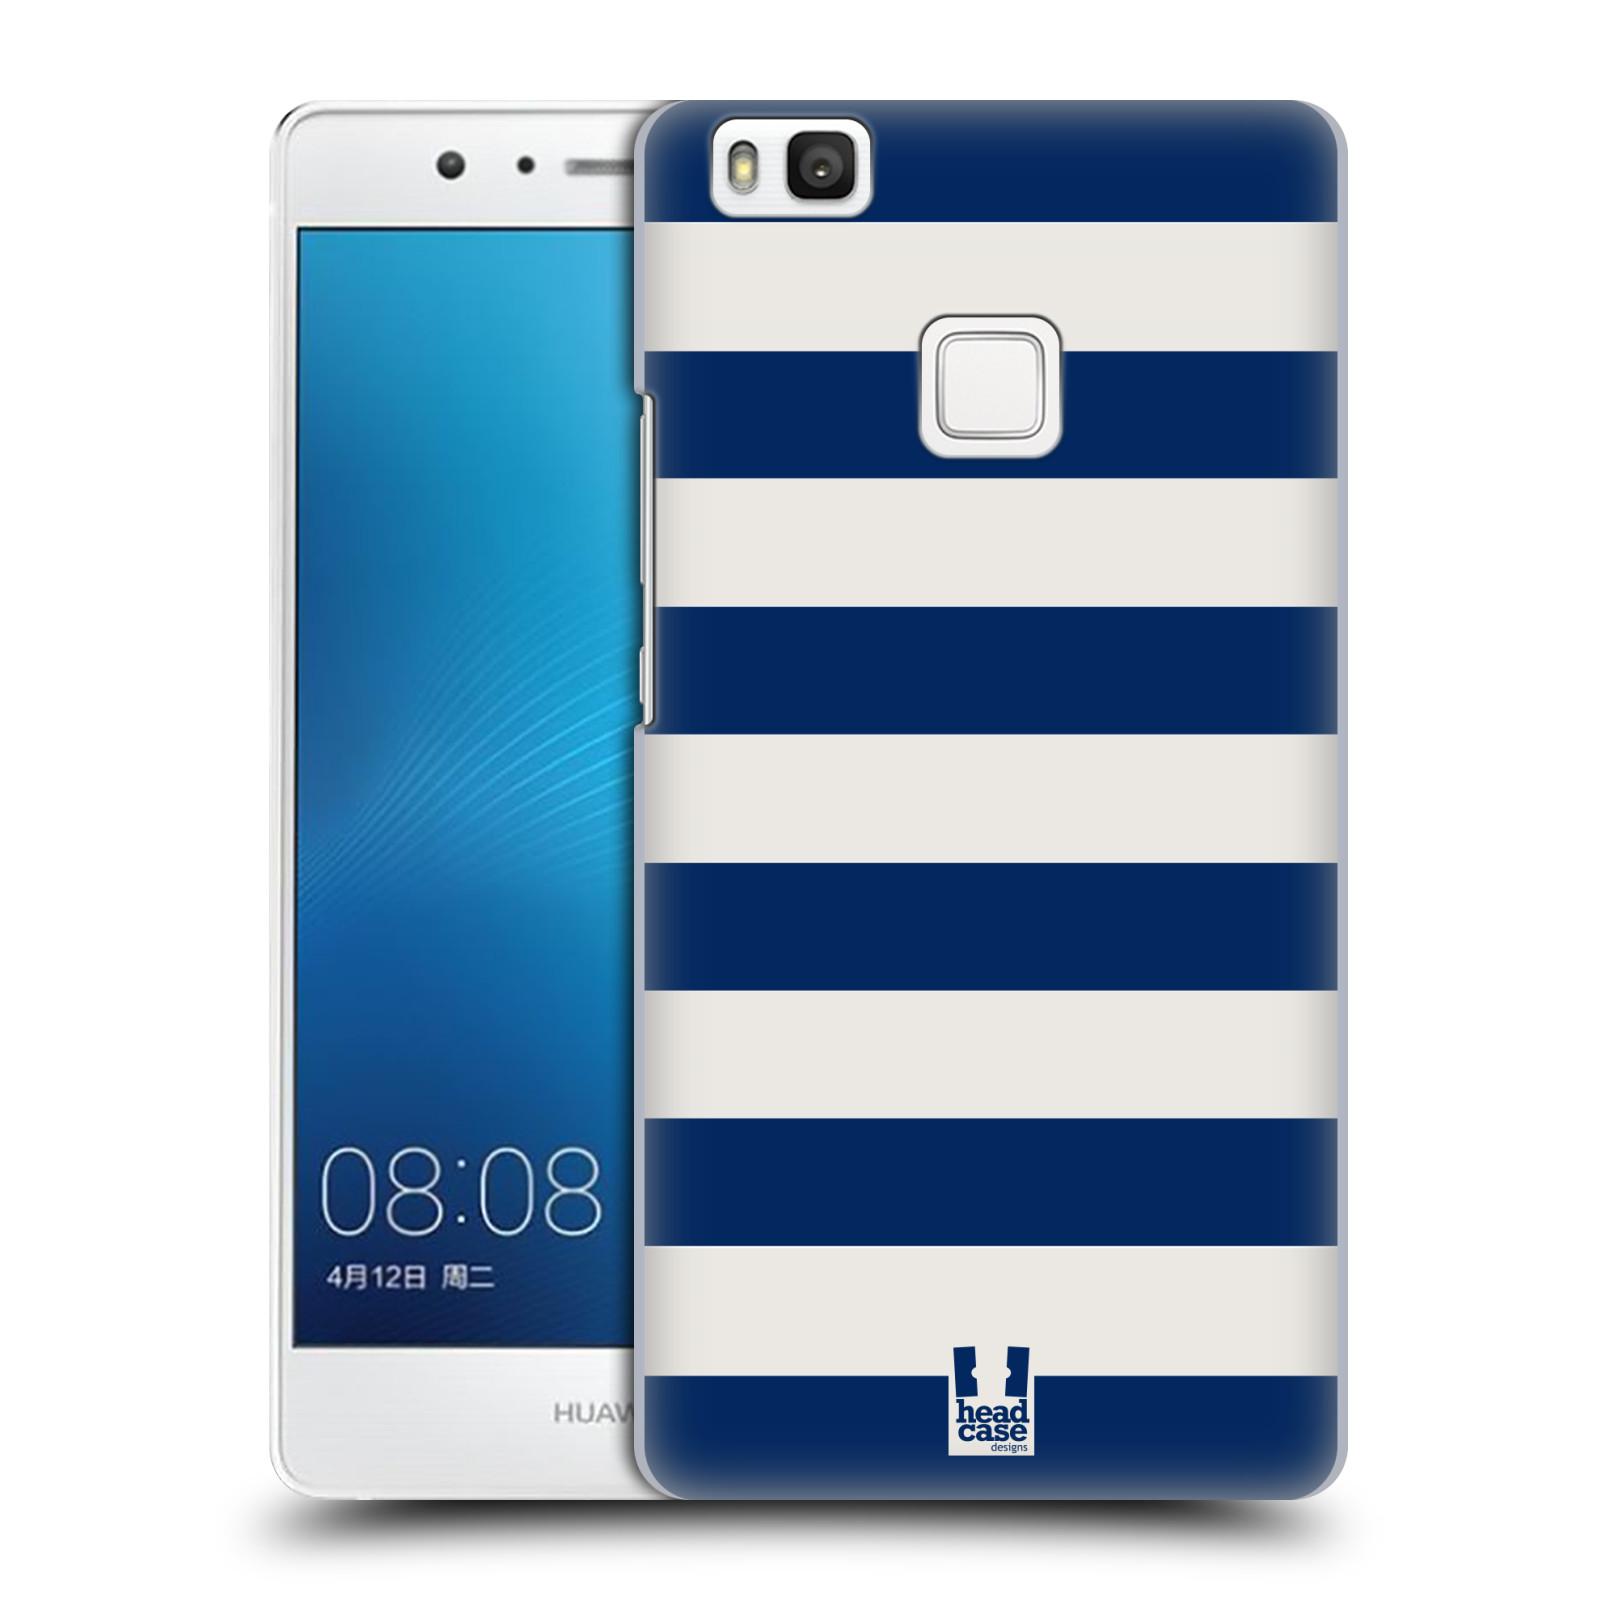 HEAD CASE plastový obal na mobil Huawei P9 LITE / P9 LITE DUAL SIM vzor Barevné proužky MODRÁ A BÍLÁ NÁMOŘNÍK